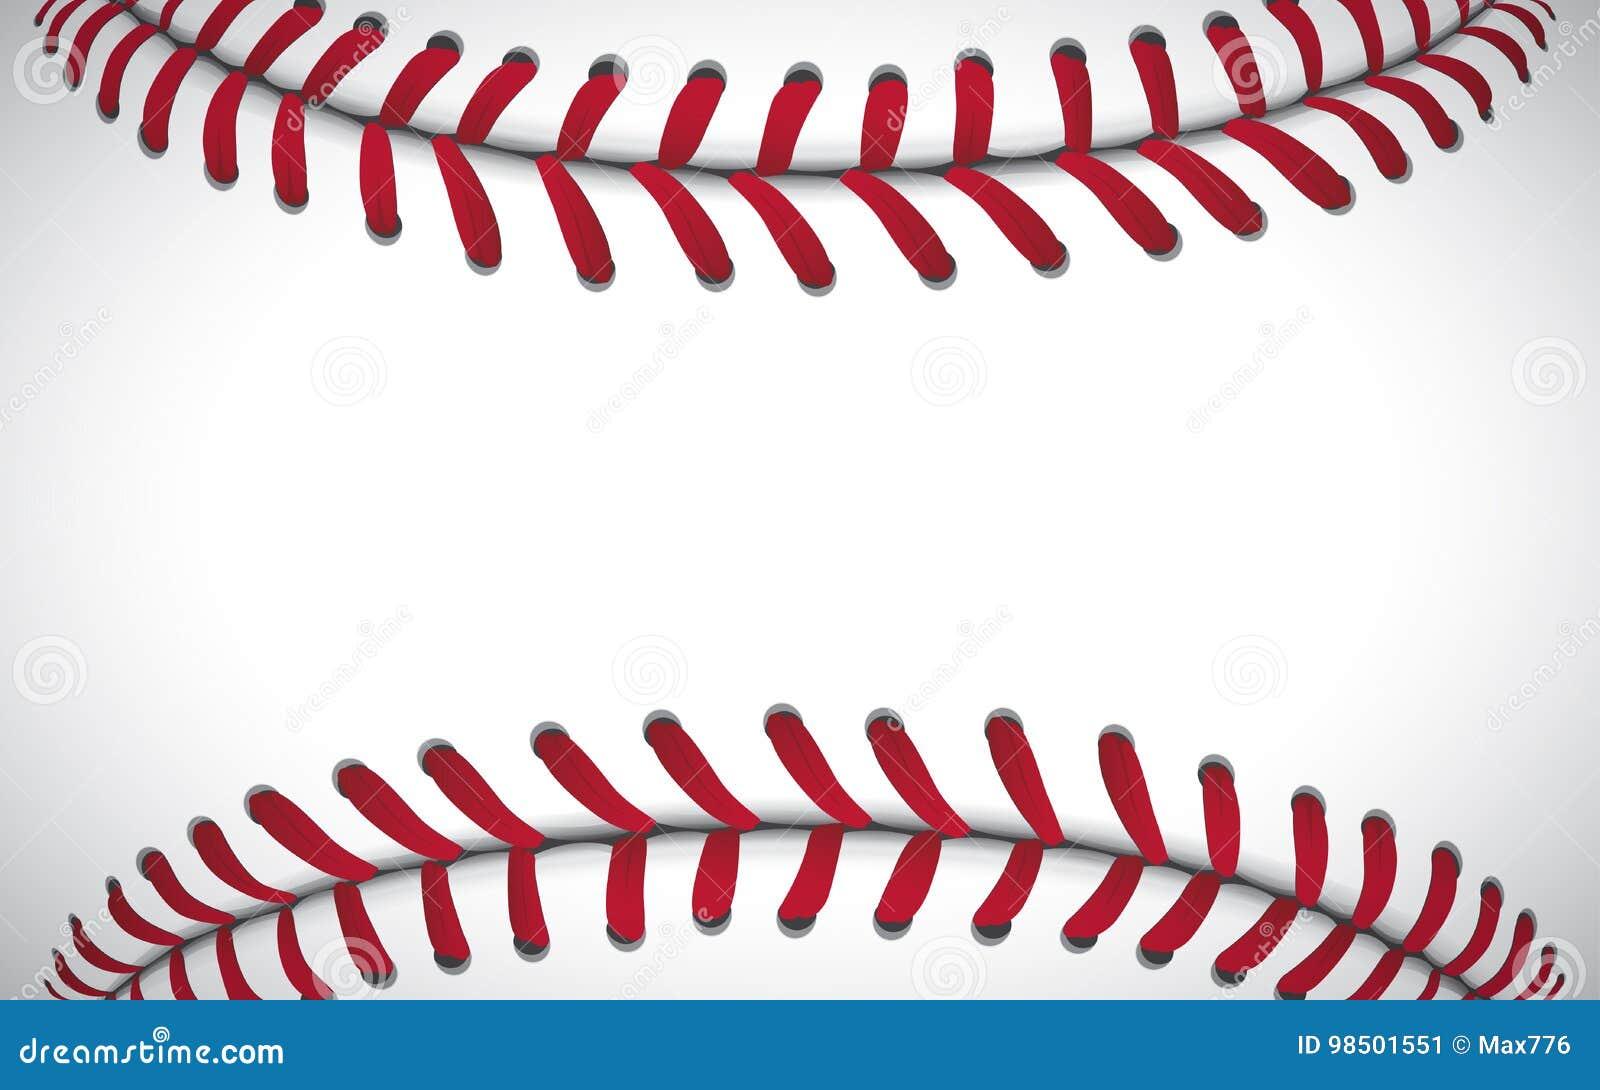 Textur av en baseball, sportbakgrund, vektorillustration